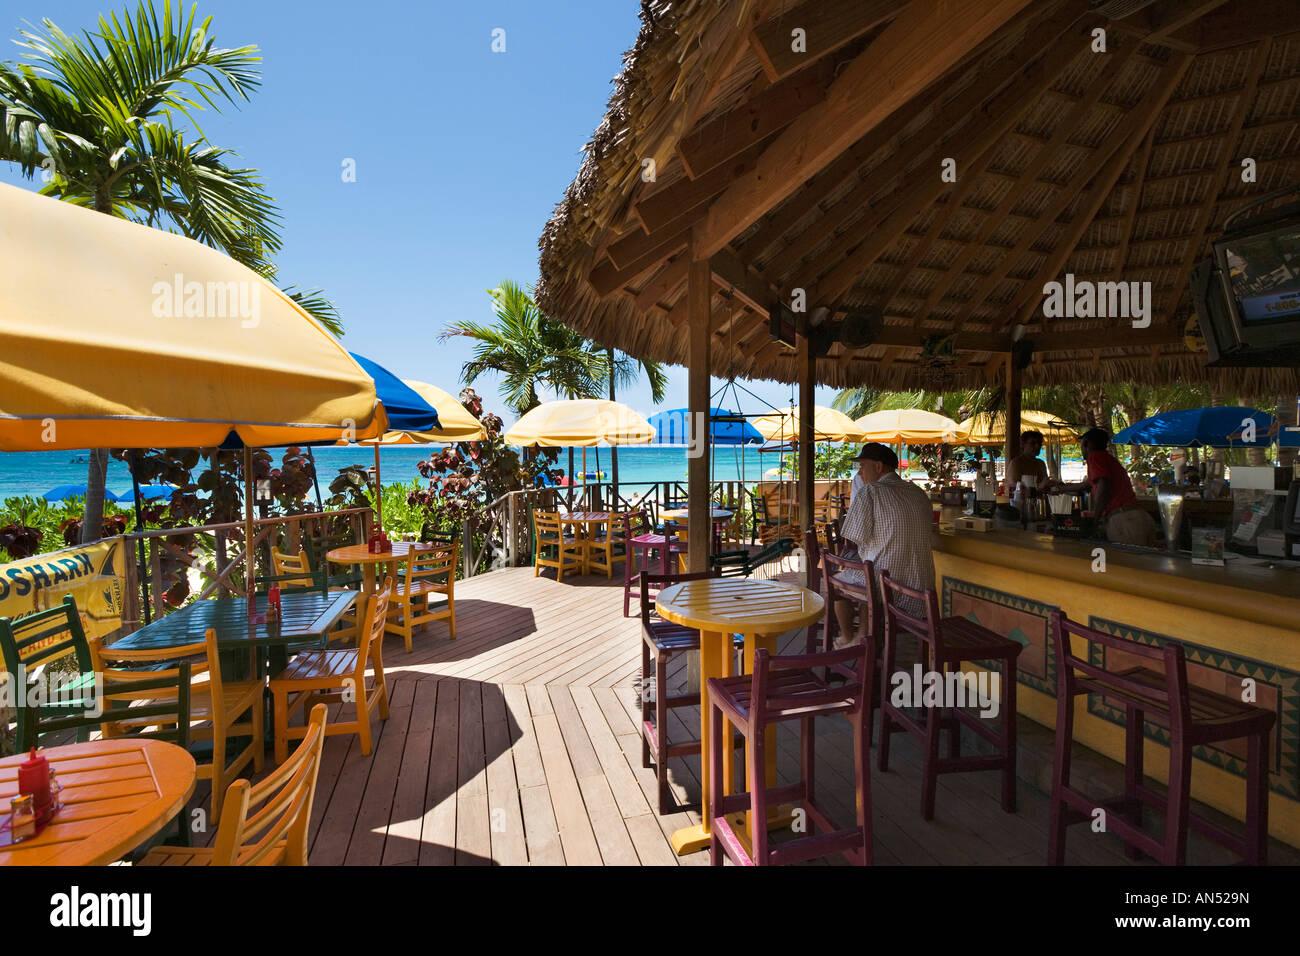 The Ocean Cafe Bar Restaurant